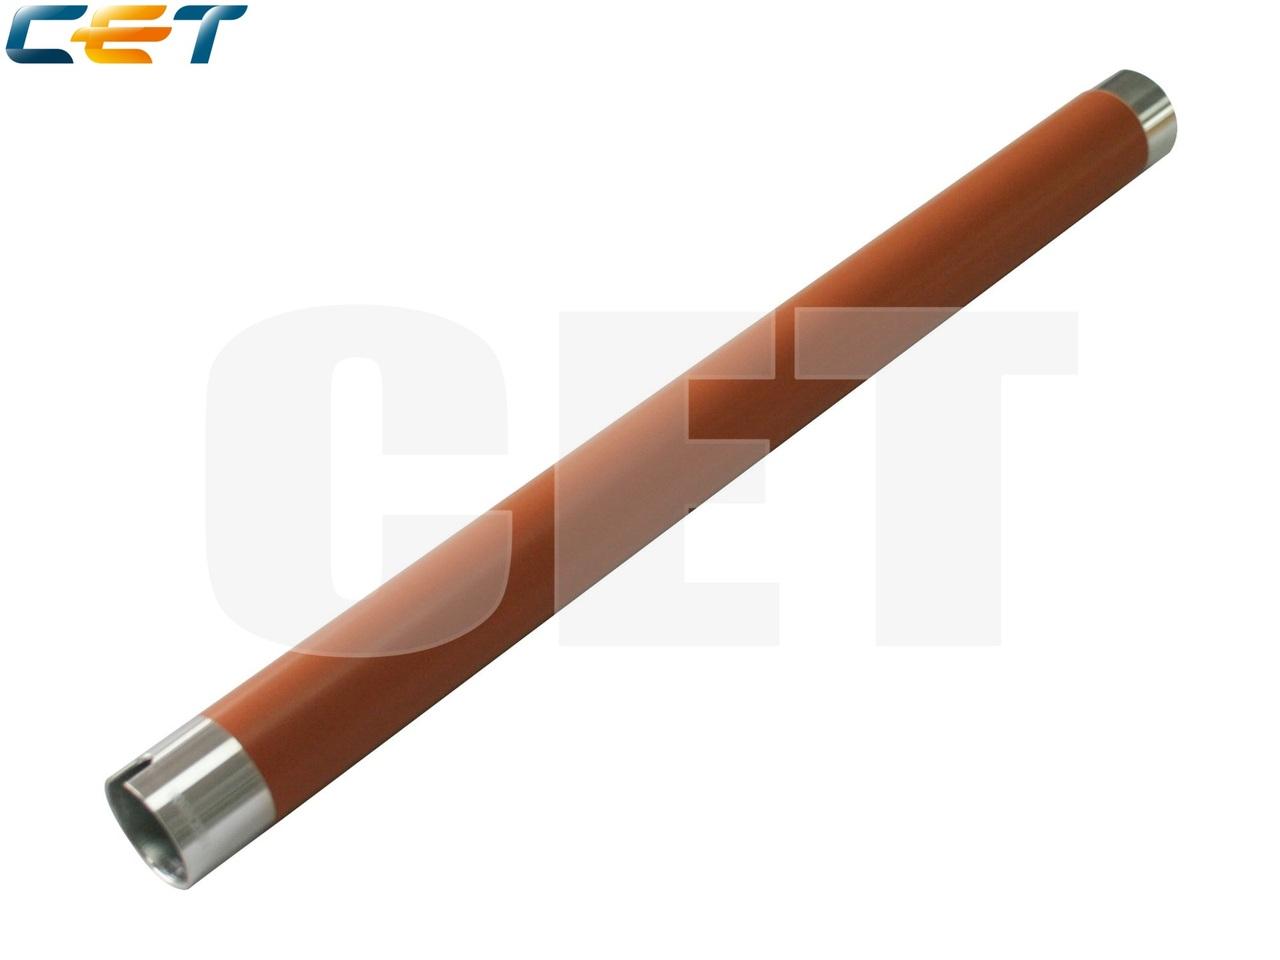 Тефлоновый вал 2H094160 для KYOCERAKM-2540/2560/3040/3060 (CET), CET8069